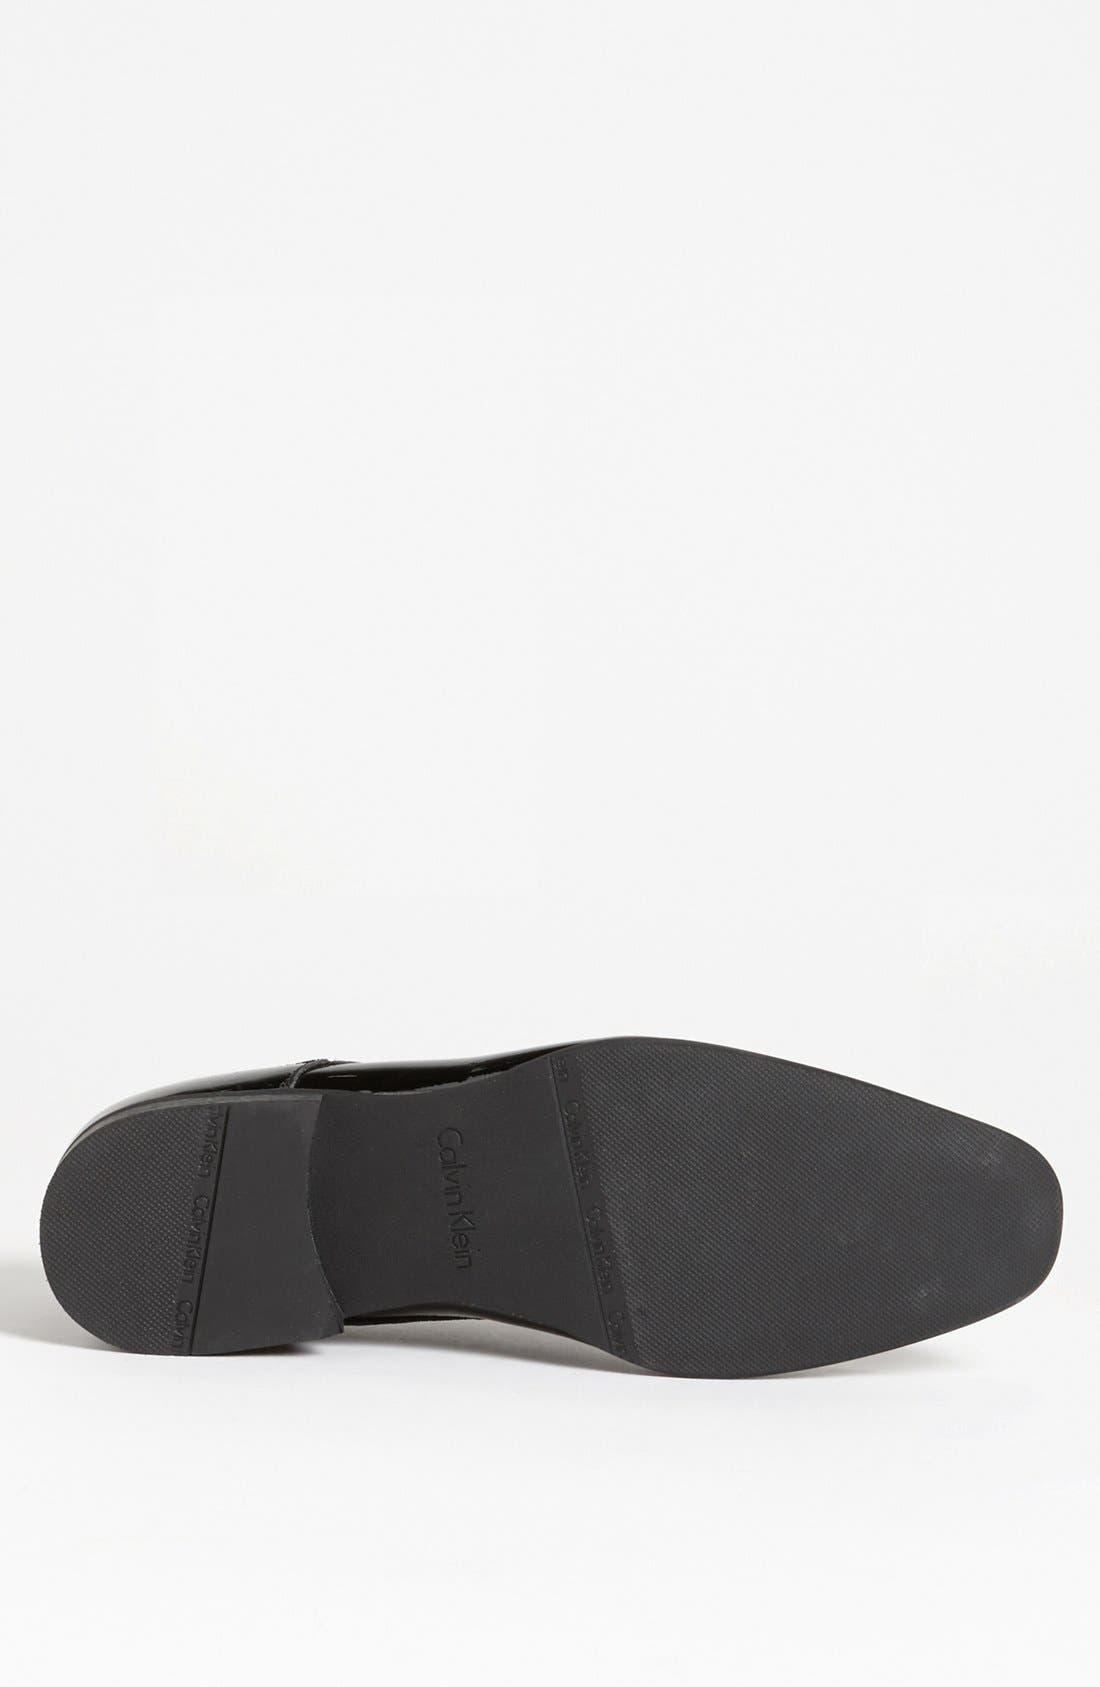 ,                             'Brodie' Plain Toe Derby,                             Alternate thumbnail 4, color,                             BLACK PATENT